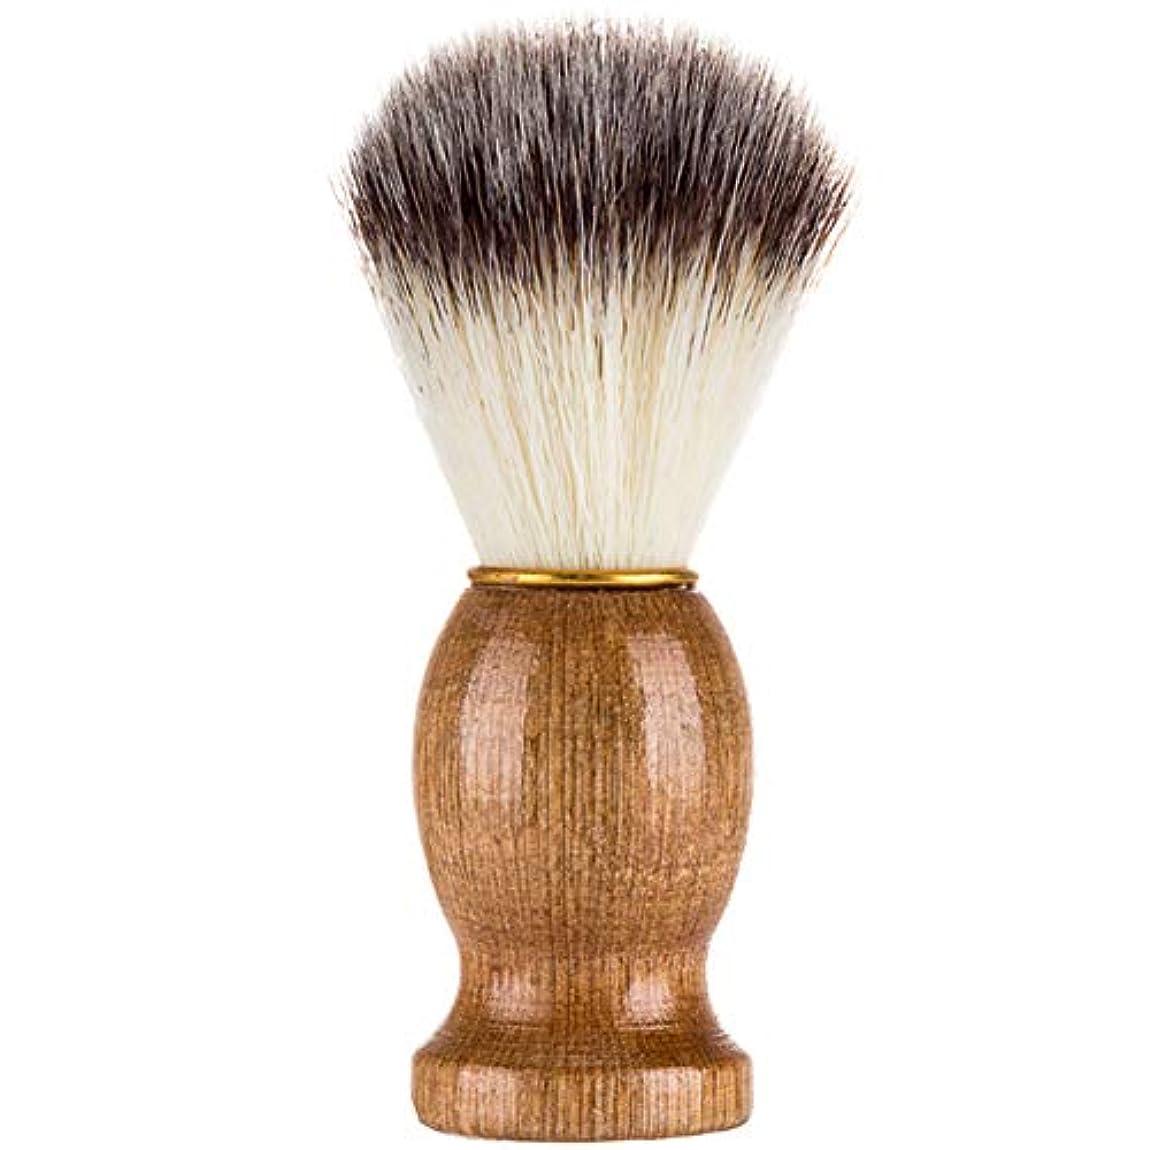 タフオーバーラン手入れFuntoget シェービングブラシ、シェービングブラシ、男性シェービングブラシシェービングかみそりブラシサロン理髪店用ツールひげ剃り用品